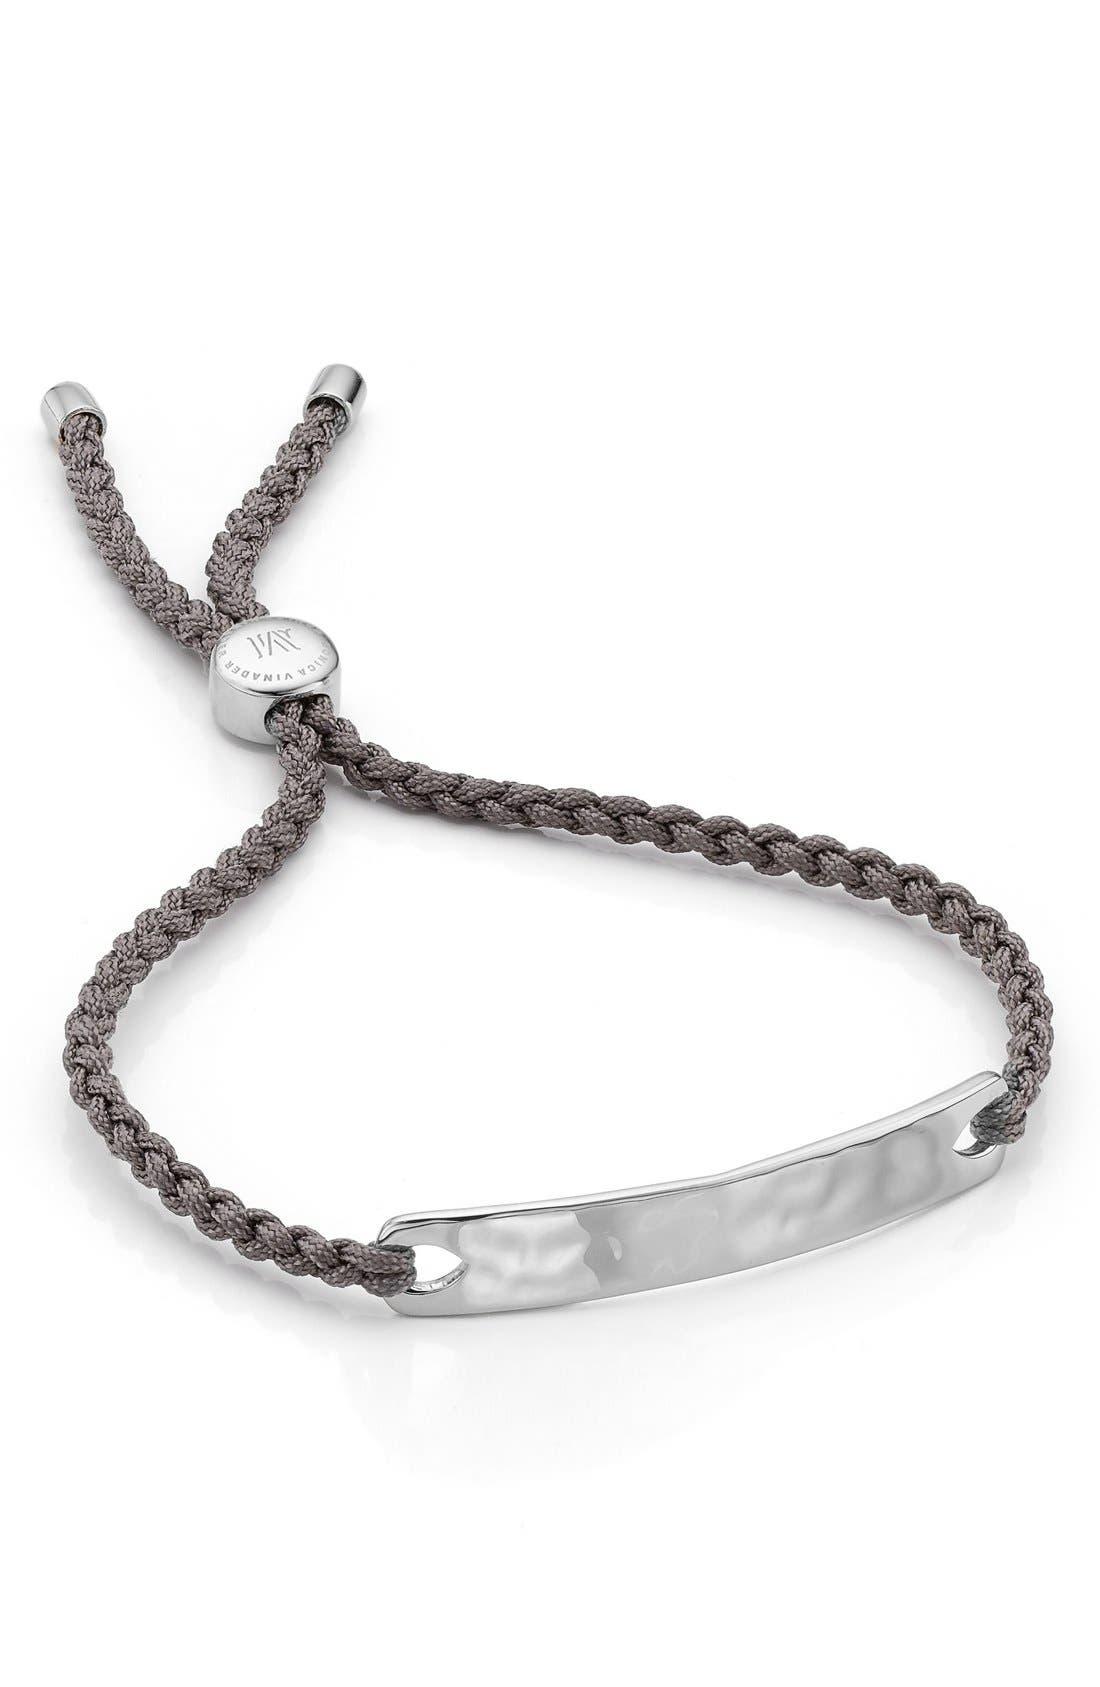 Havana Friendship Bracelet- Mink, Sterling Silver Monica Vinader